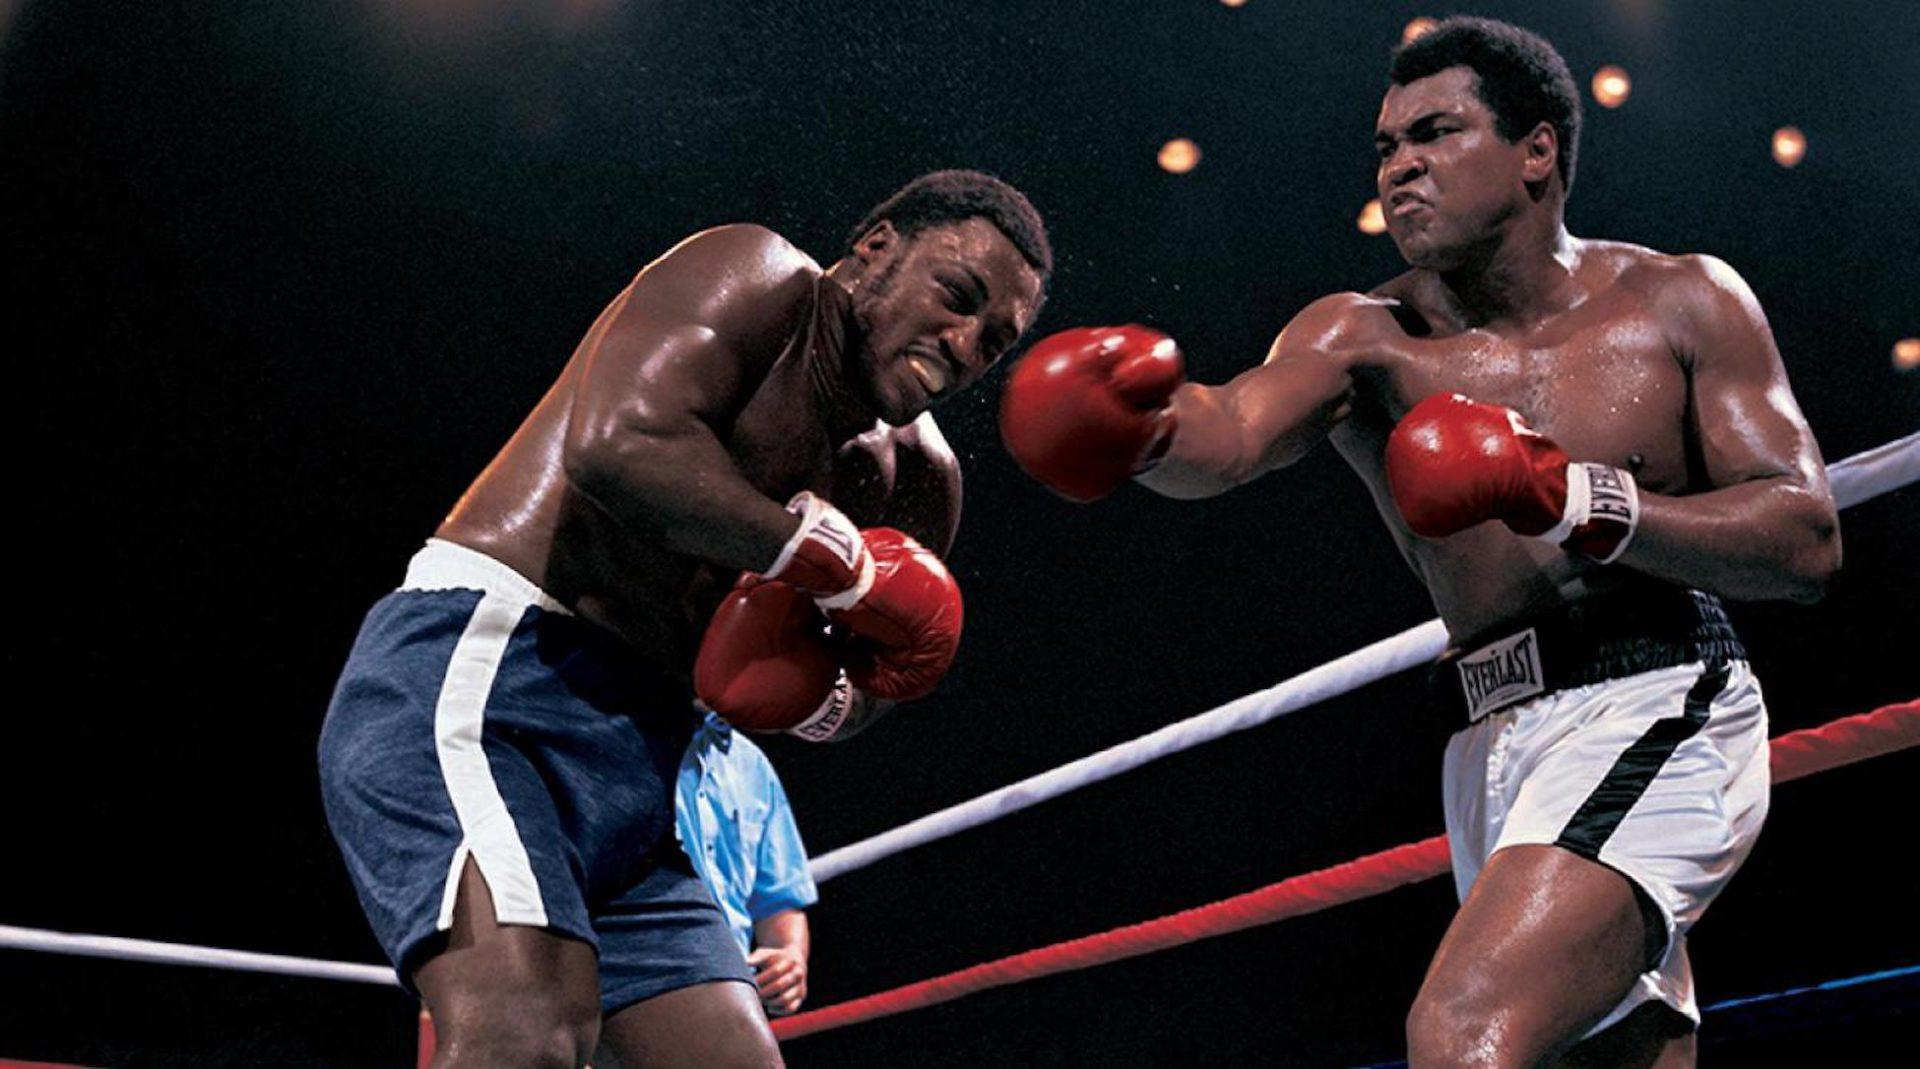 Les 5 plus grands combats de boxe de l'histoire